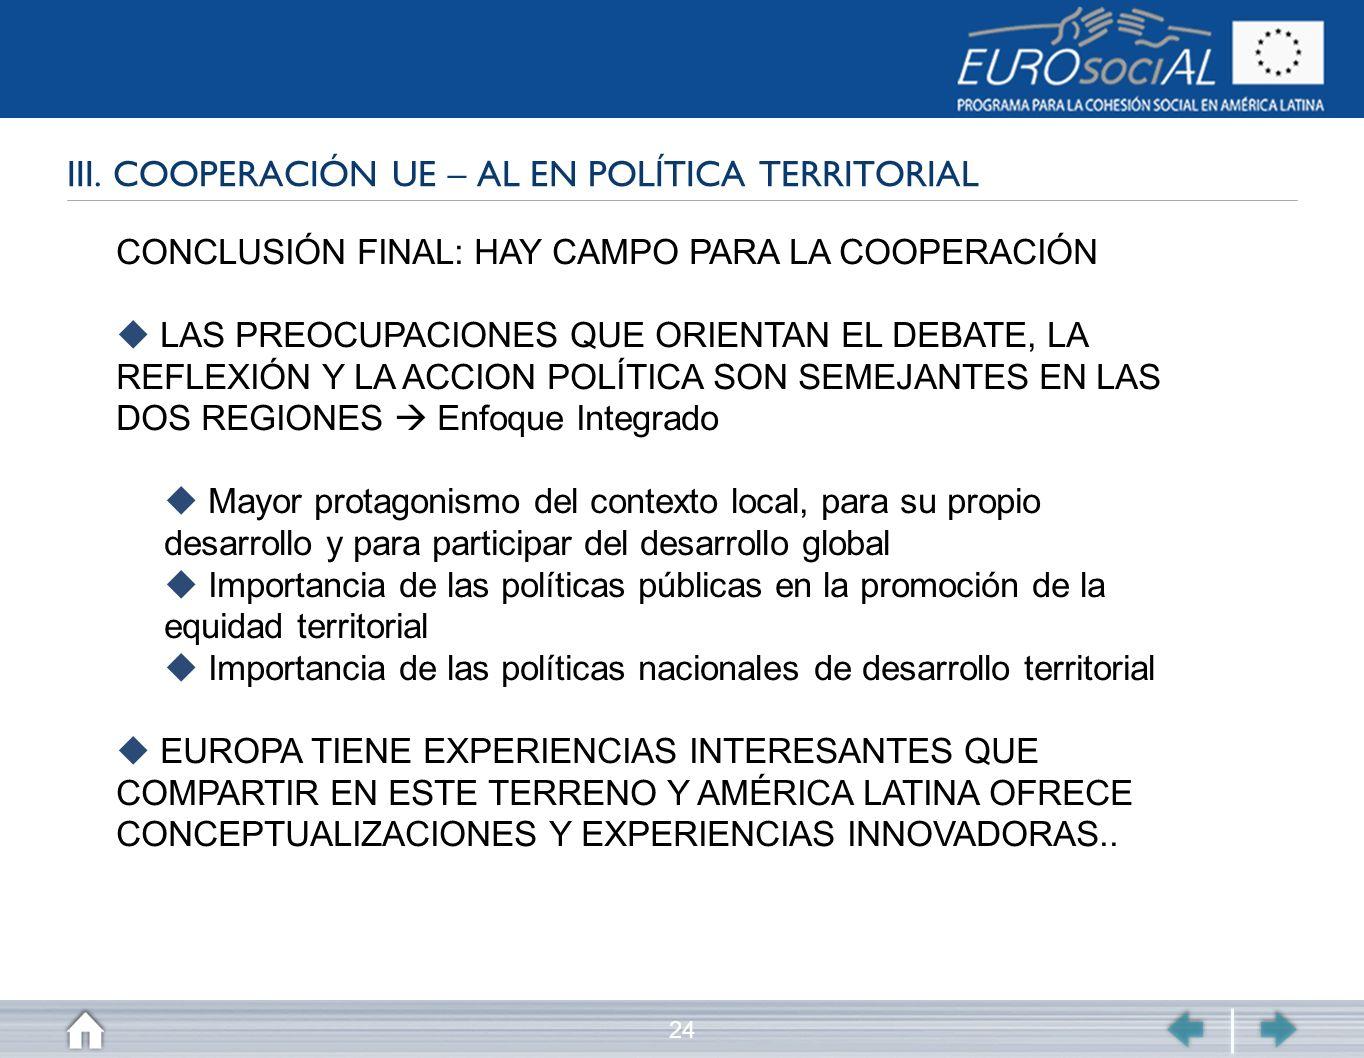 III. COOPERACIÓN UE – AL EN POLÍTICA TERRITORIAL